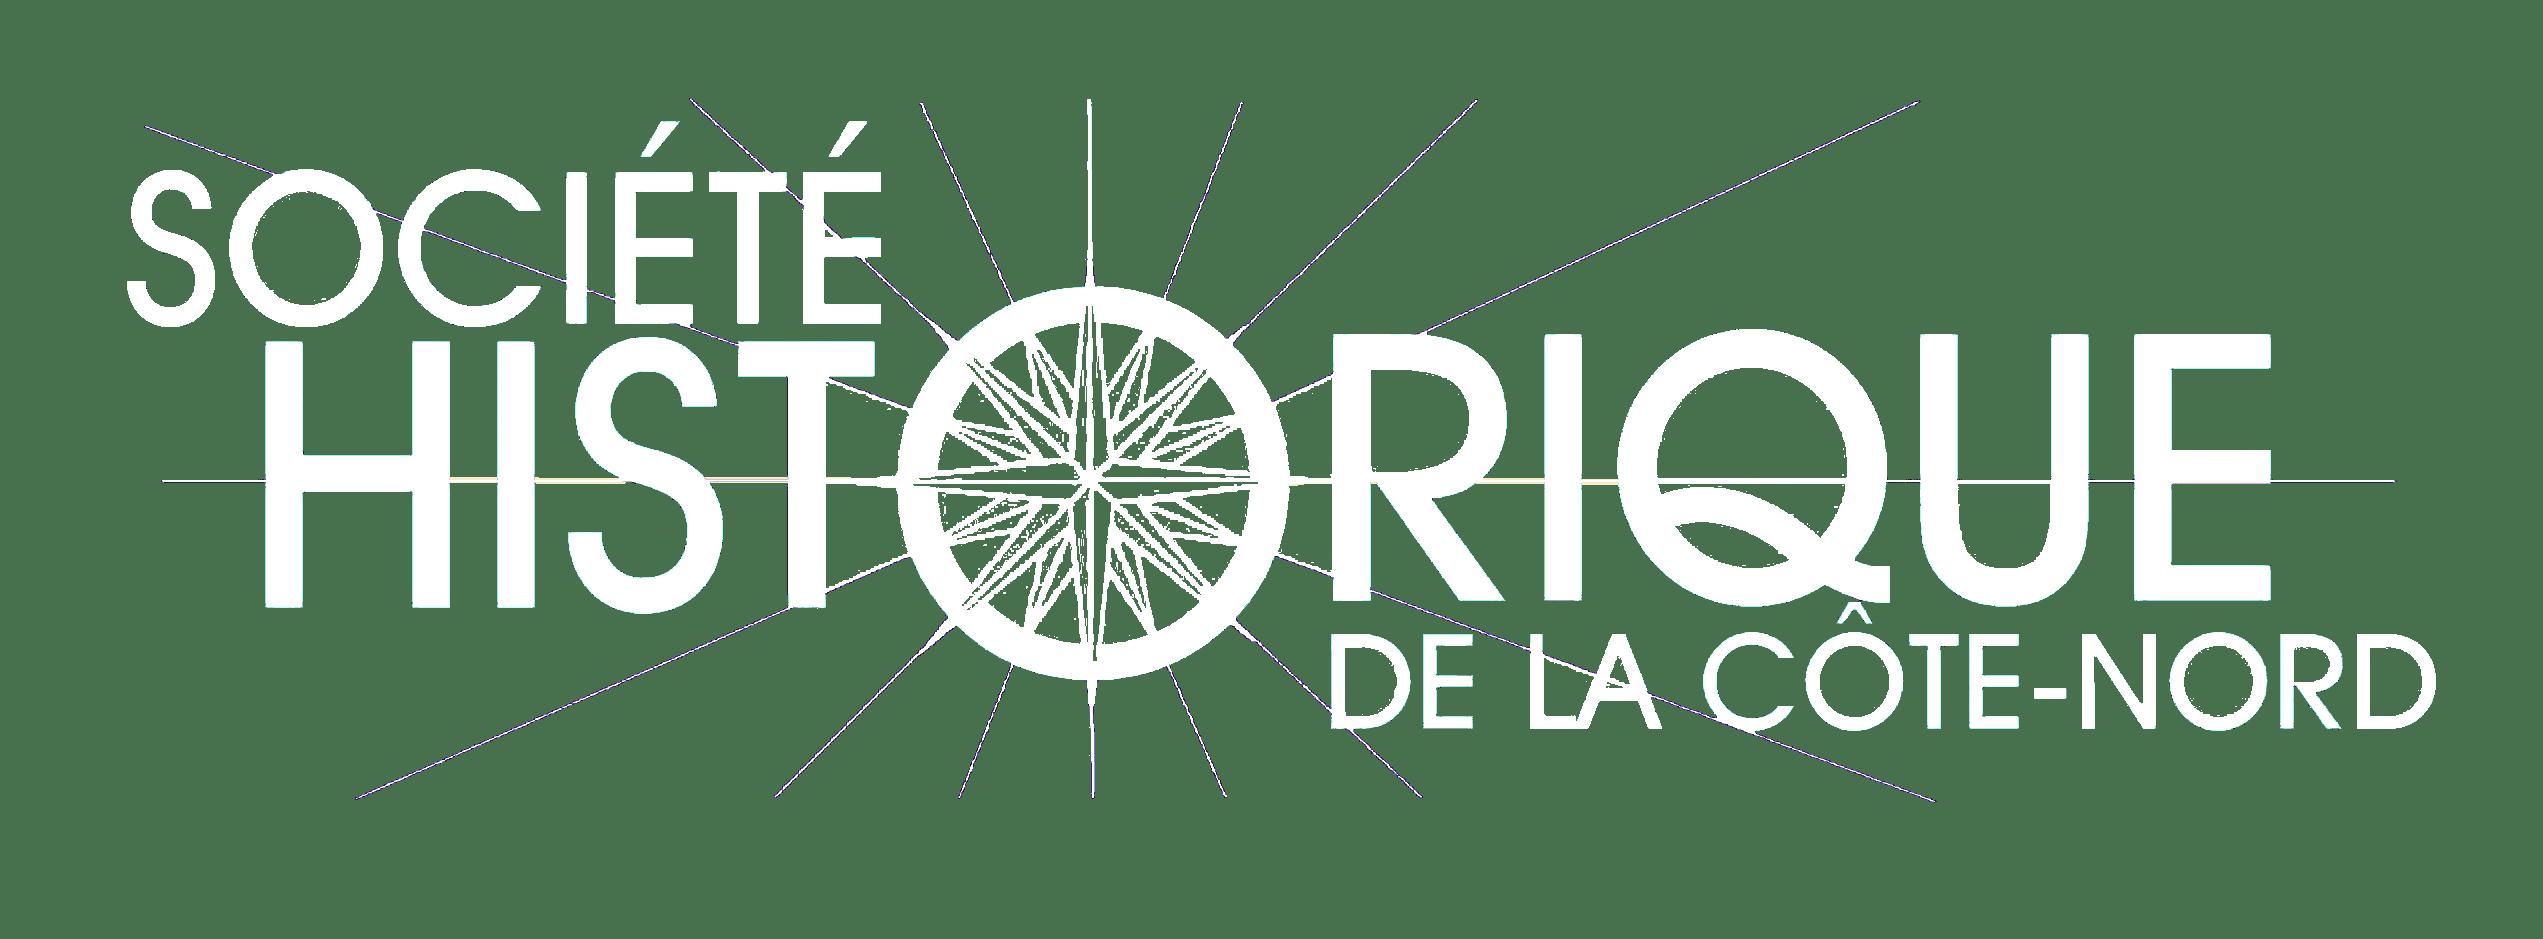 Société historique de la Côte-Nord